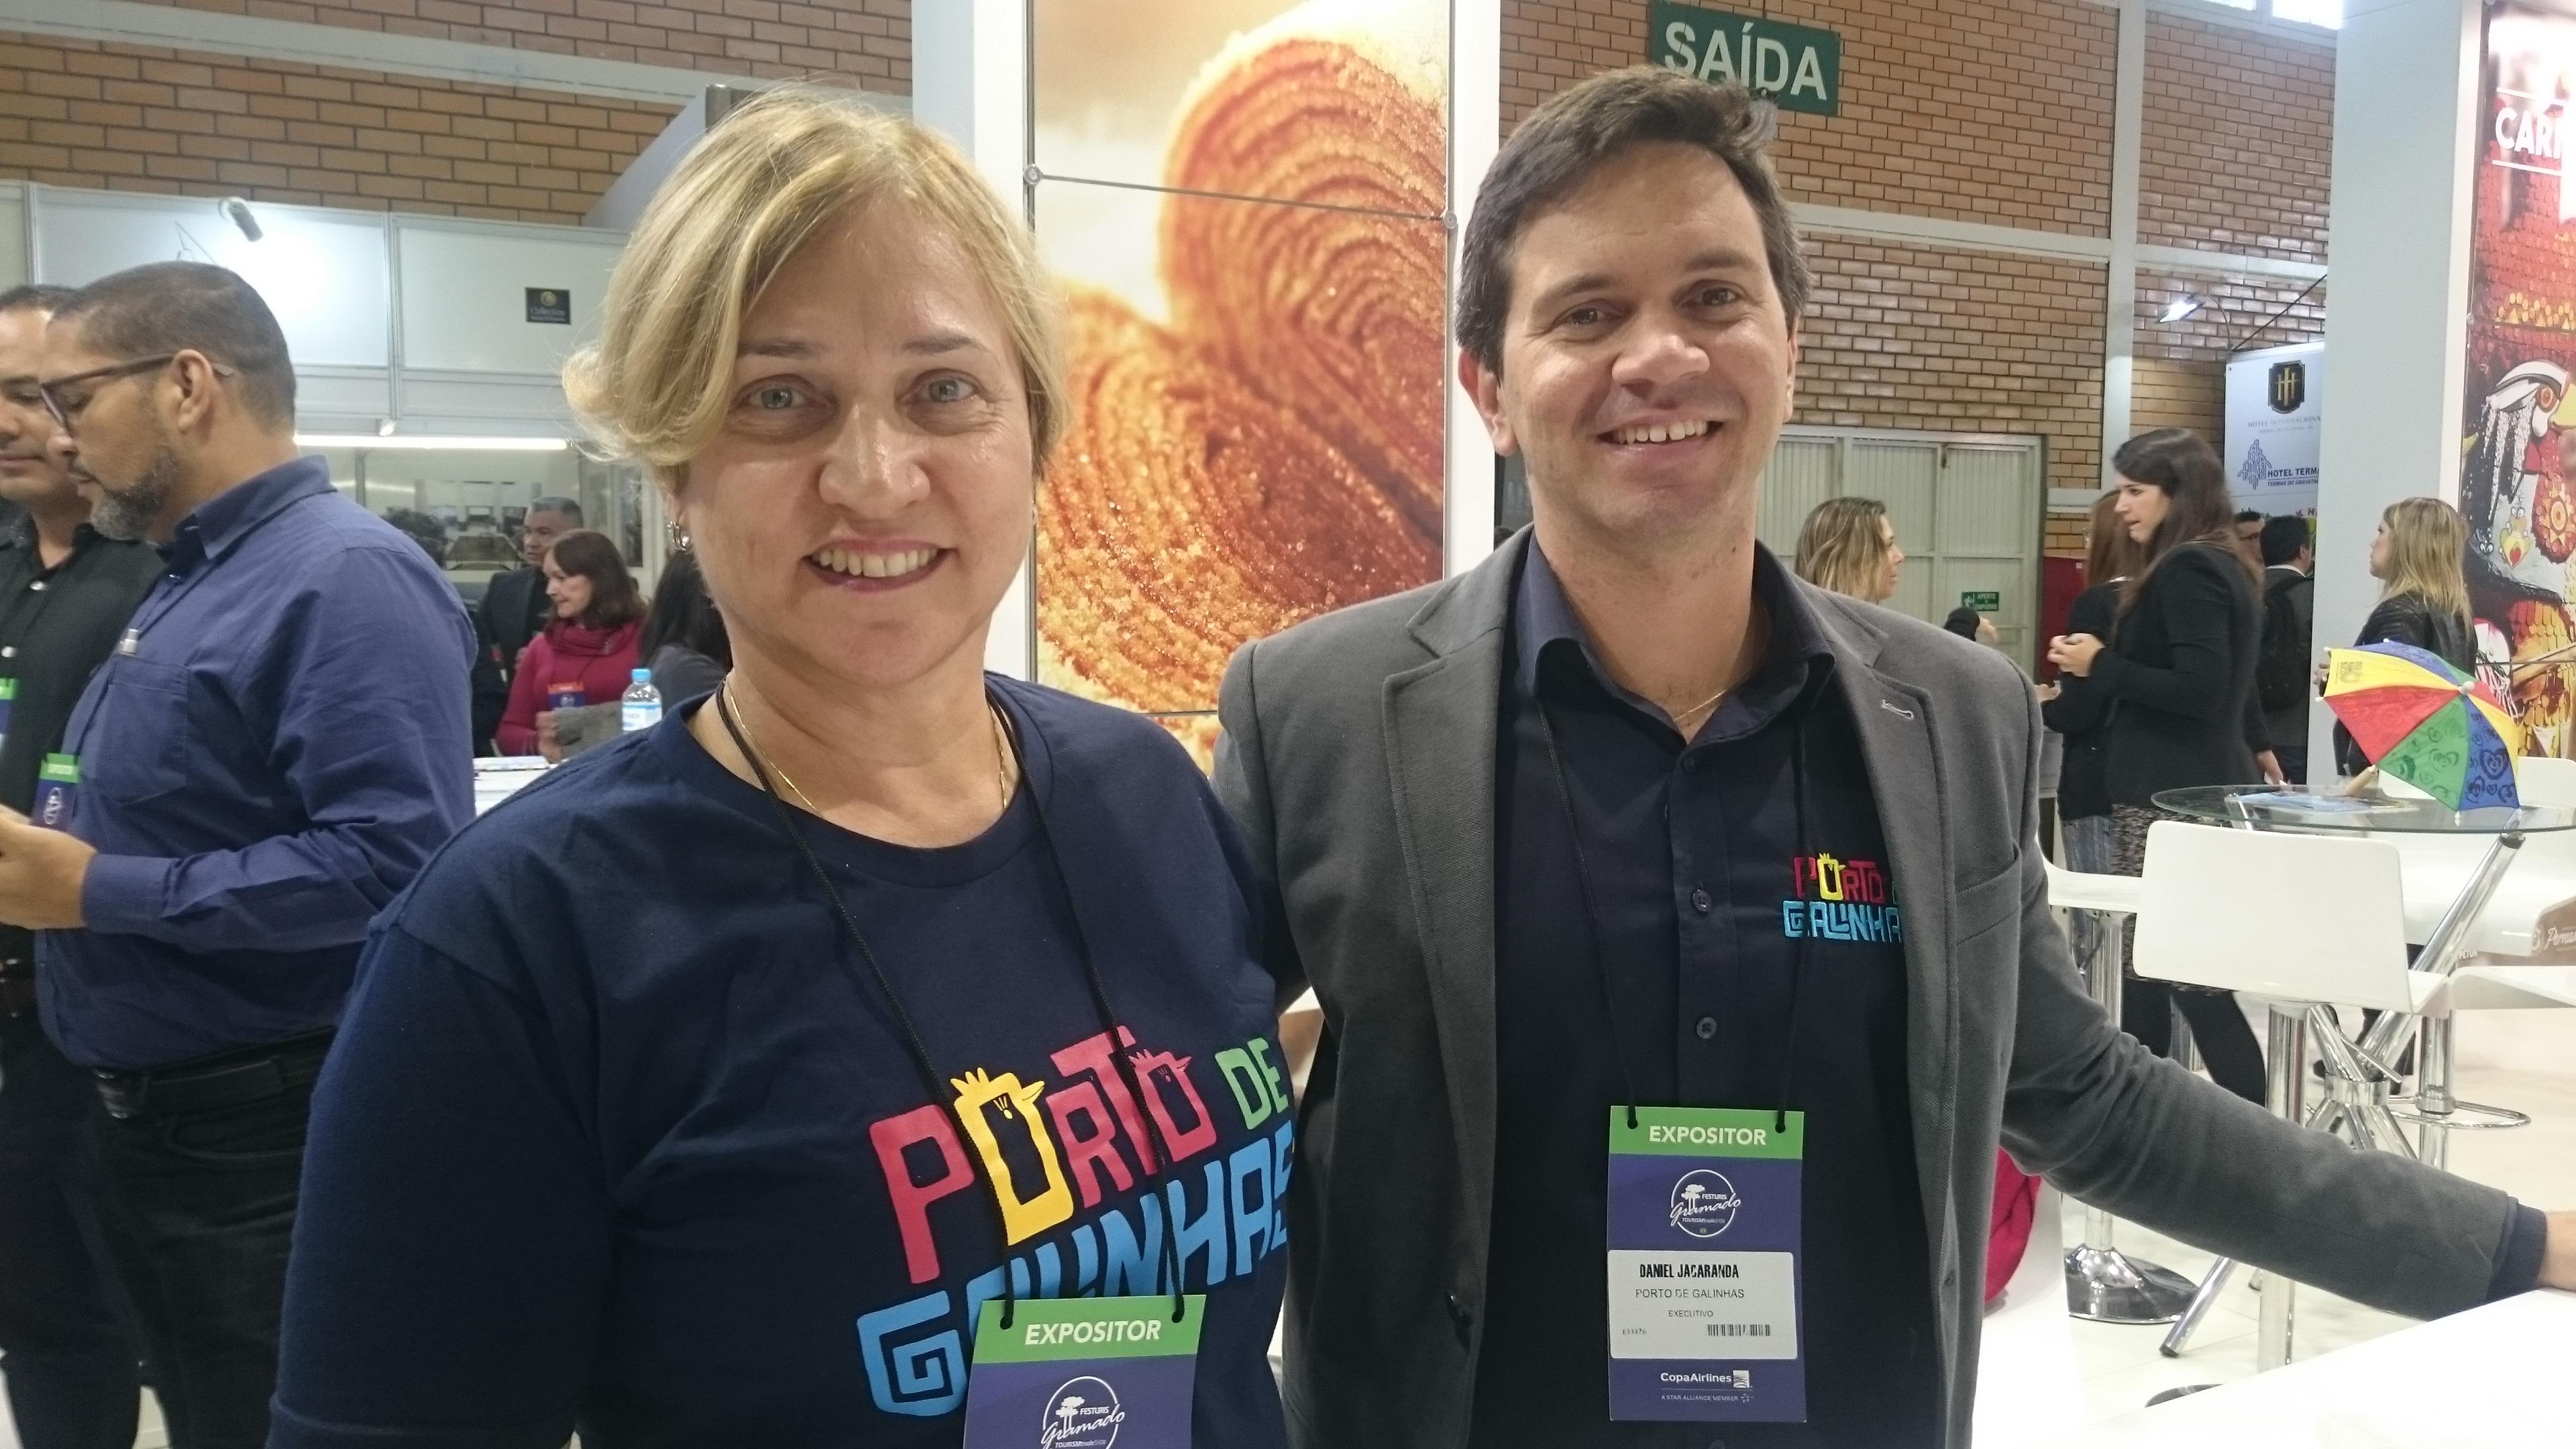 Sandra Alecrim e Daniel Jacarandá, de Porto de Galinhas